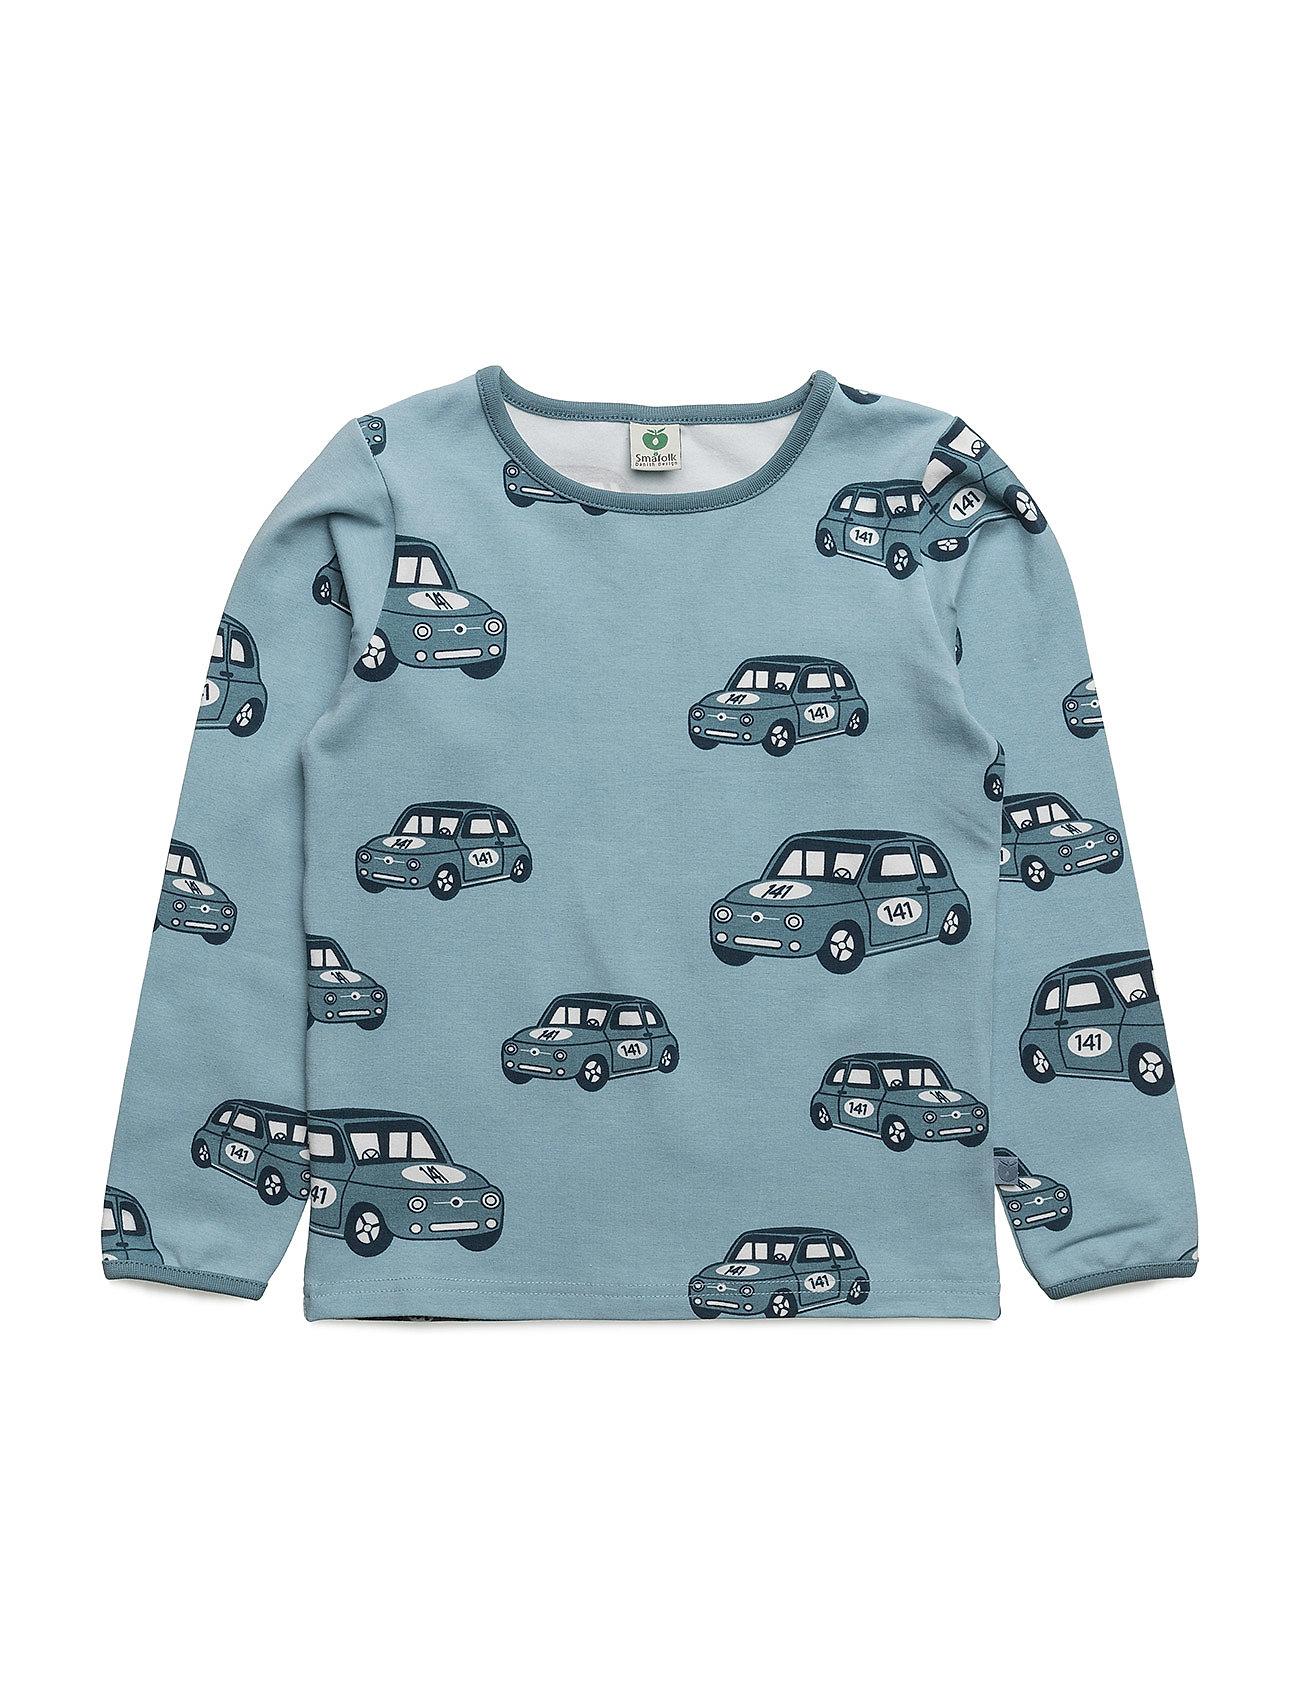 T-Shirt With Car SmÂfolk Langærmede t-shirts til Børn i